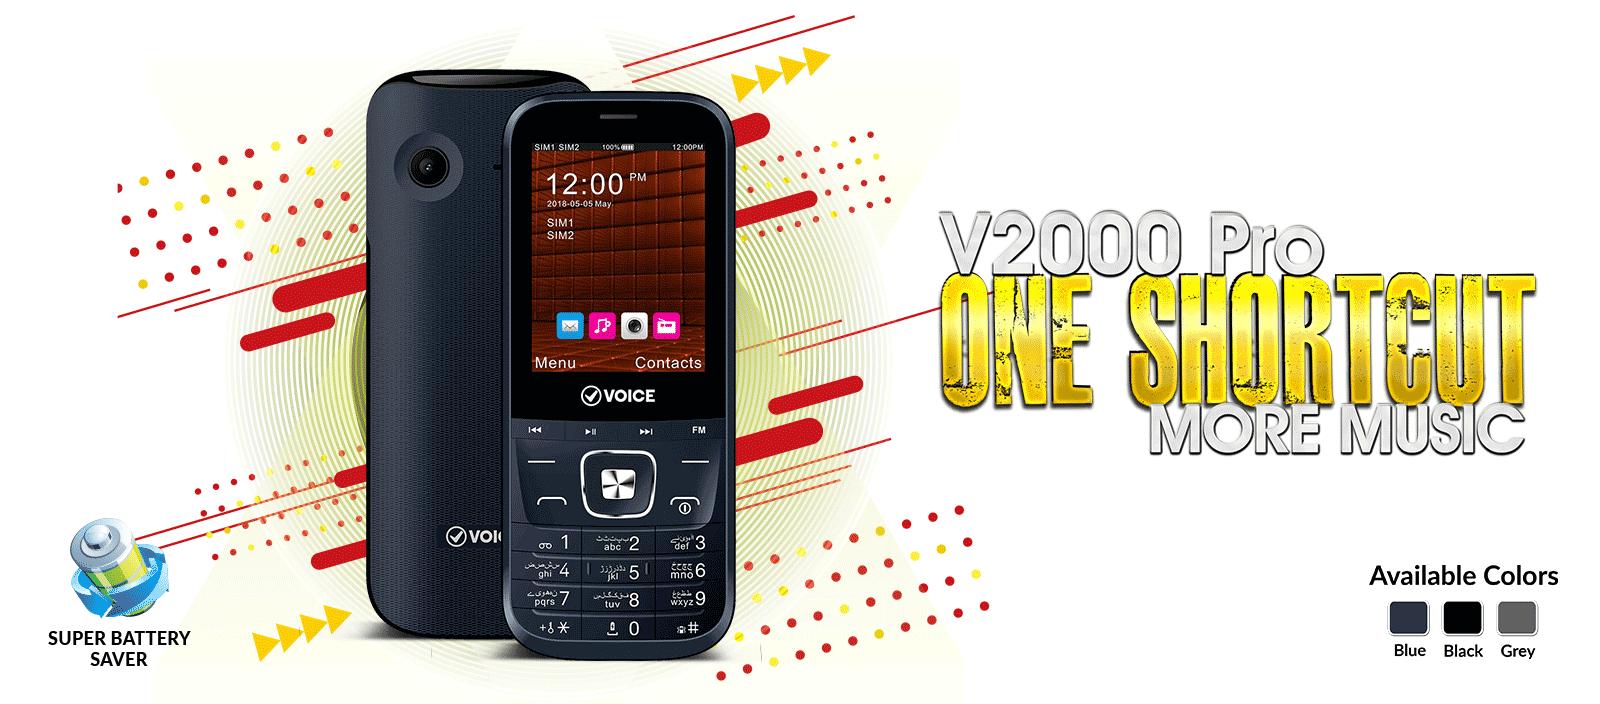 V2000 Pro